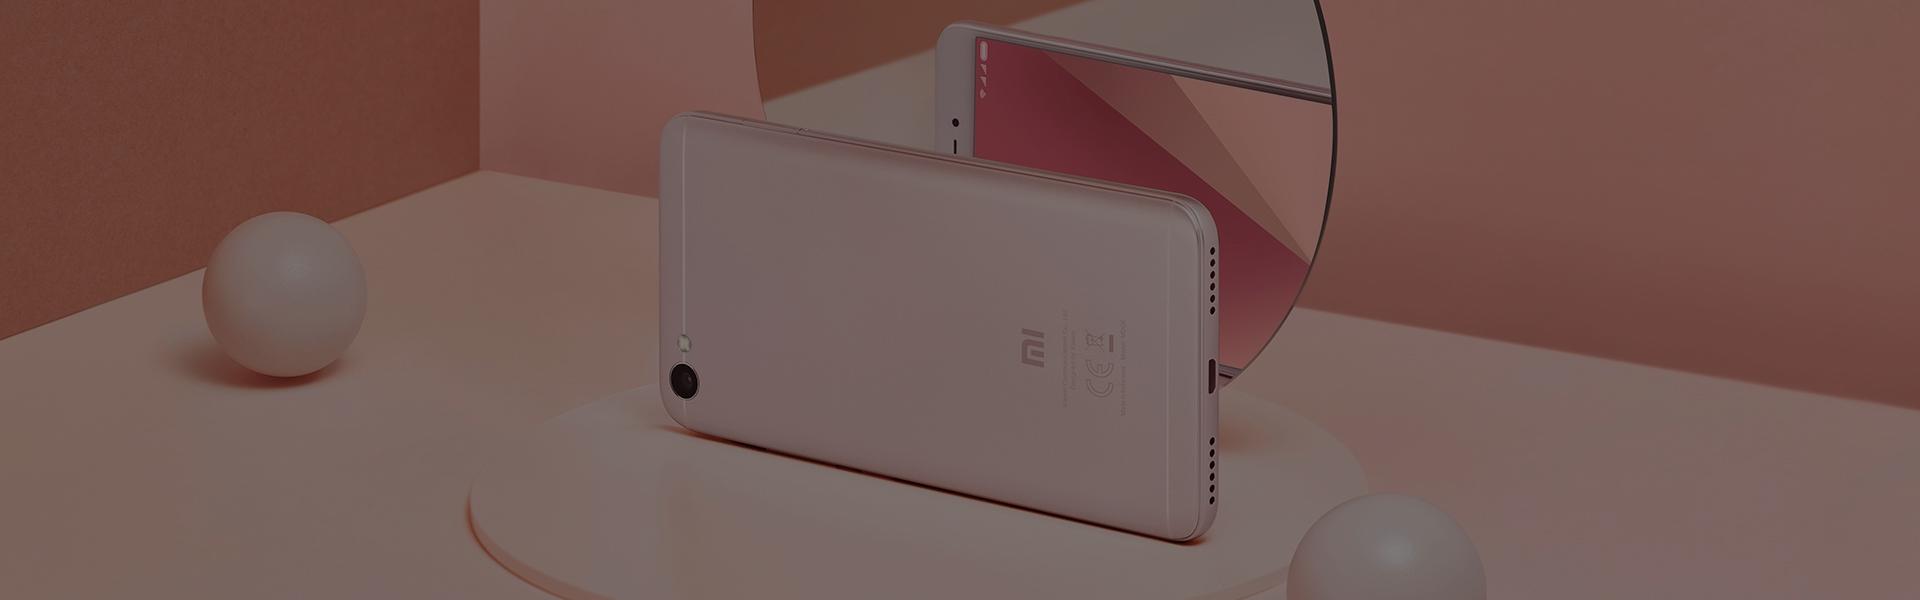 Menjajal Xiaomi Redmi Note 5A